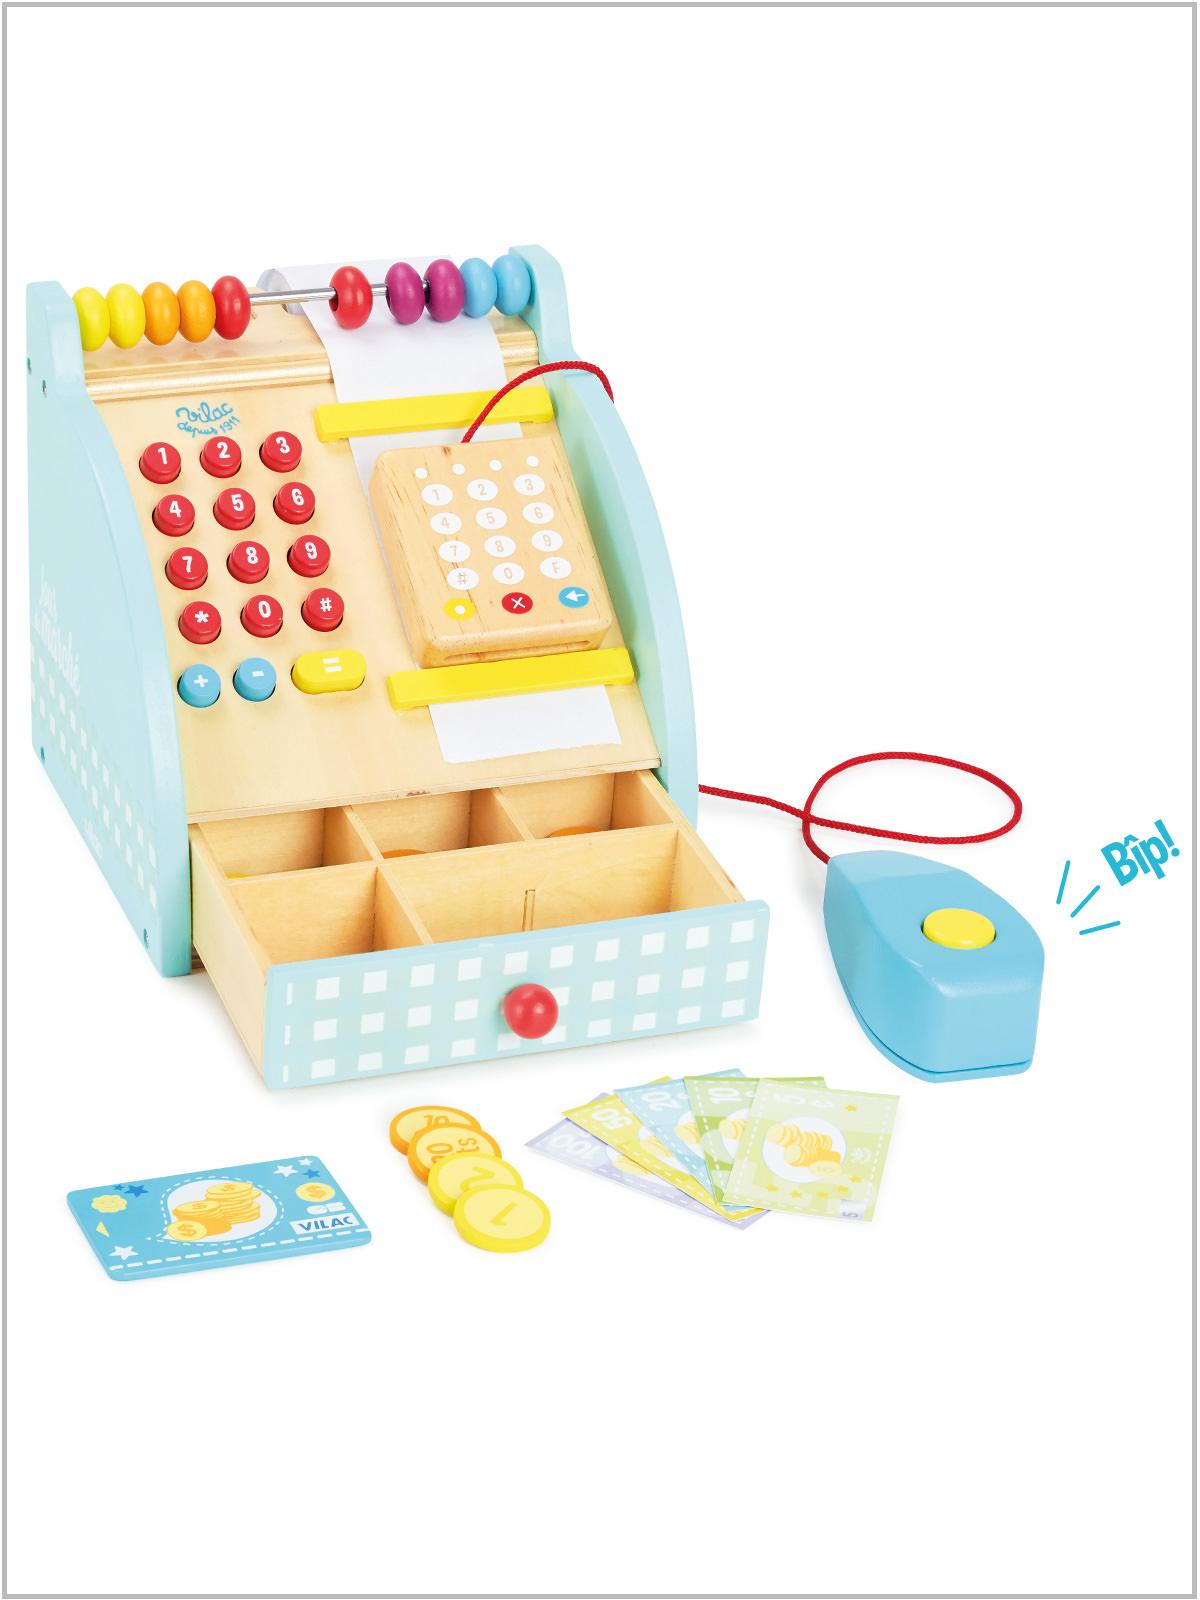 frederickandsophie-toys-vilac-wooden-cash_register